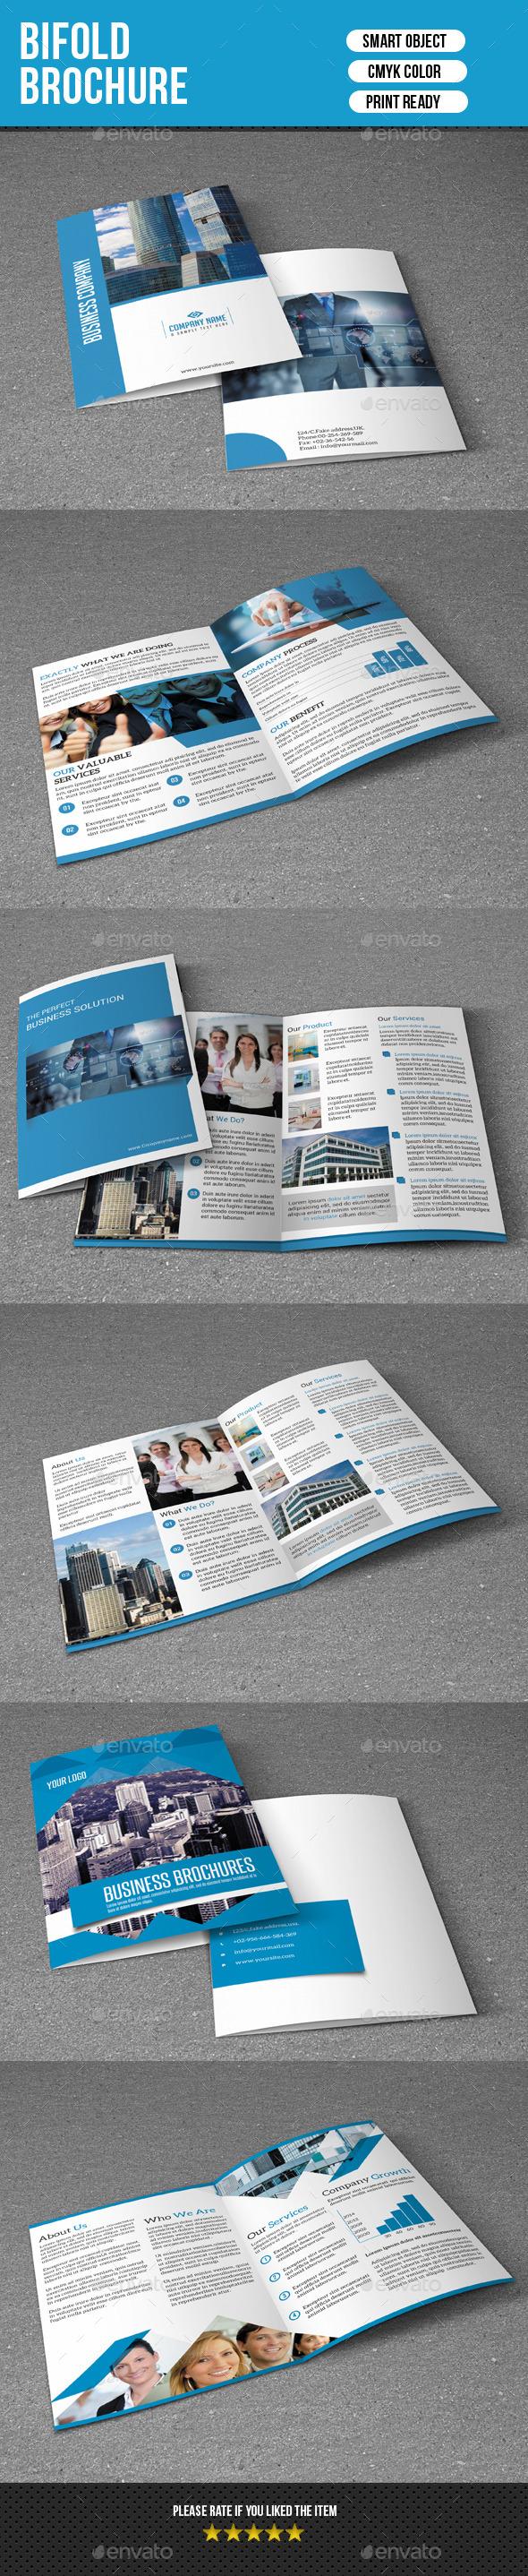 GraphicRiver Bifold Brochure Bundle-V01 9180110